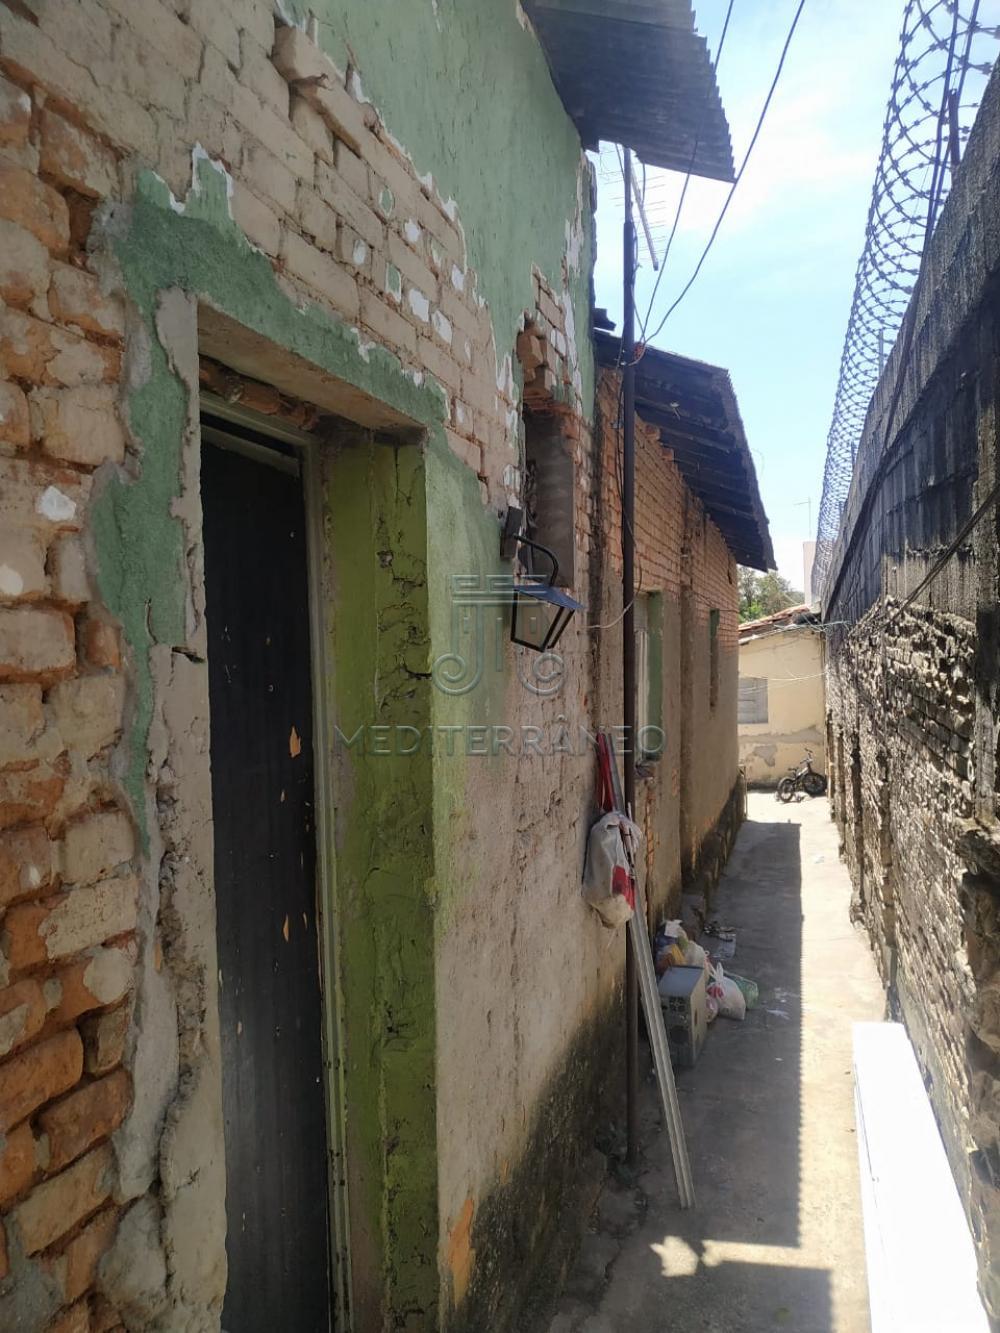 Comprar Casa / Padrão em Jundiaí apenas R$ 280.000,00 - Foto 5